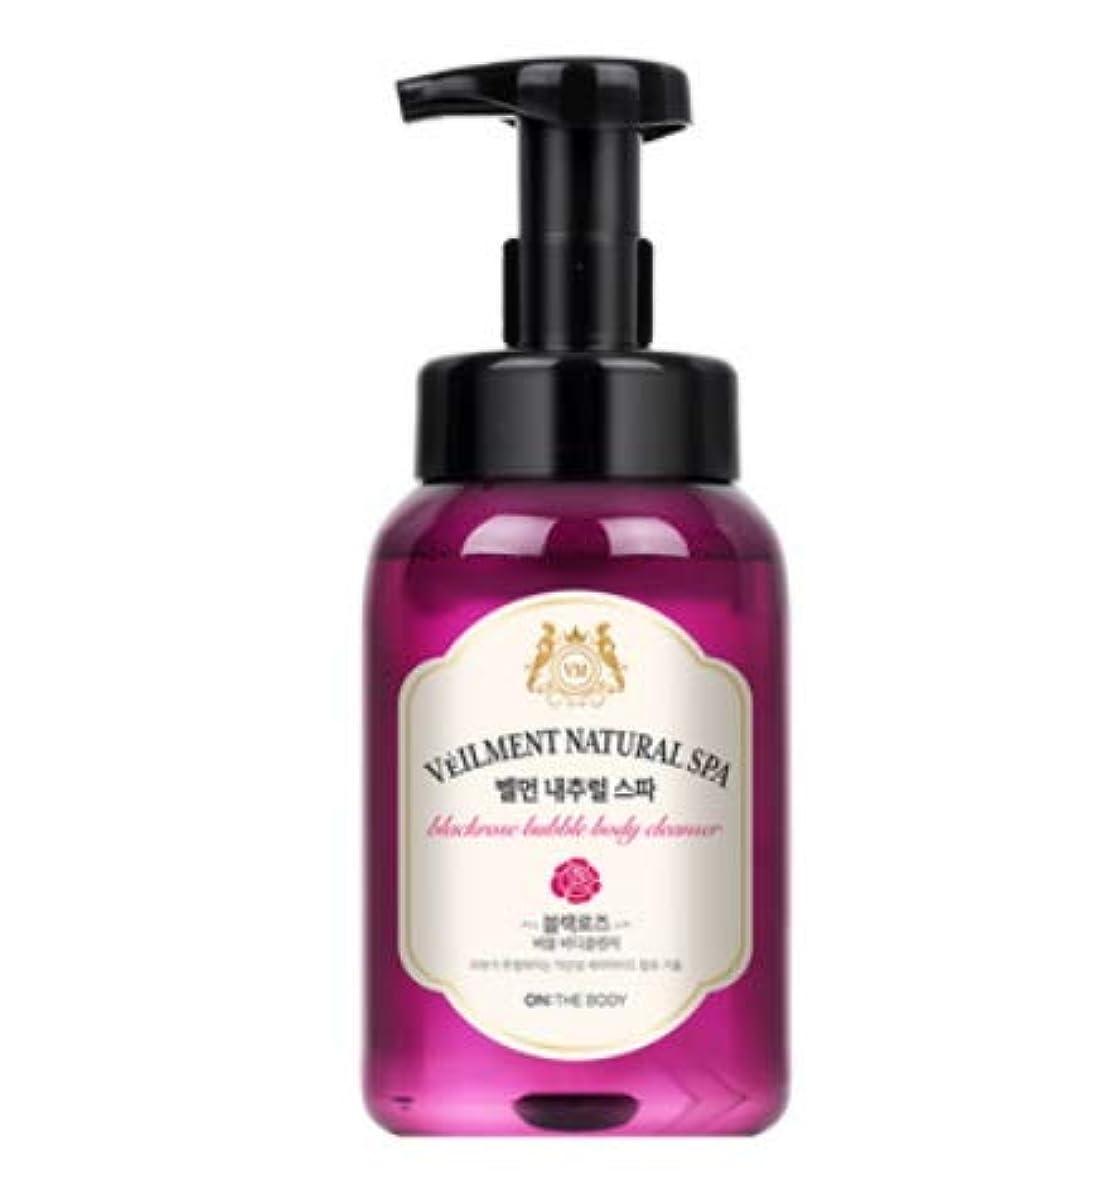 エゴマニア寝具チロ[LG HnB] On the Body Belman Natural Spa Bubble Body Cleanser/オンザボディベルモンナチュラルスパバブルボディクレンザー 500ml x2個(海外直送品)